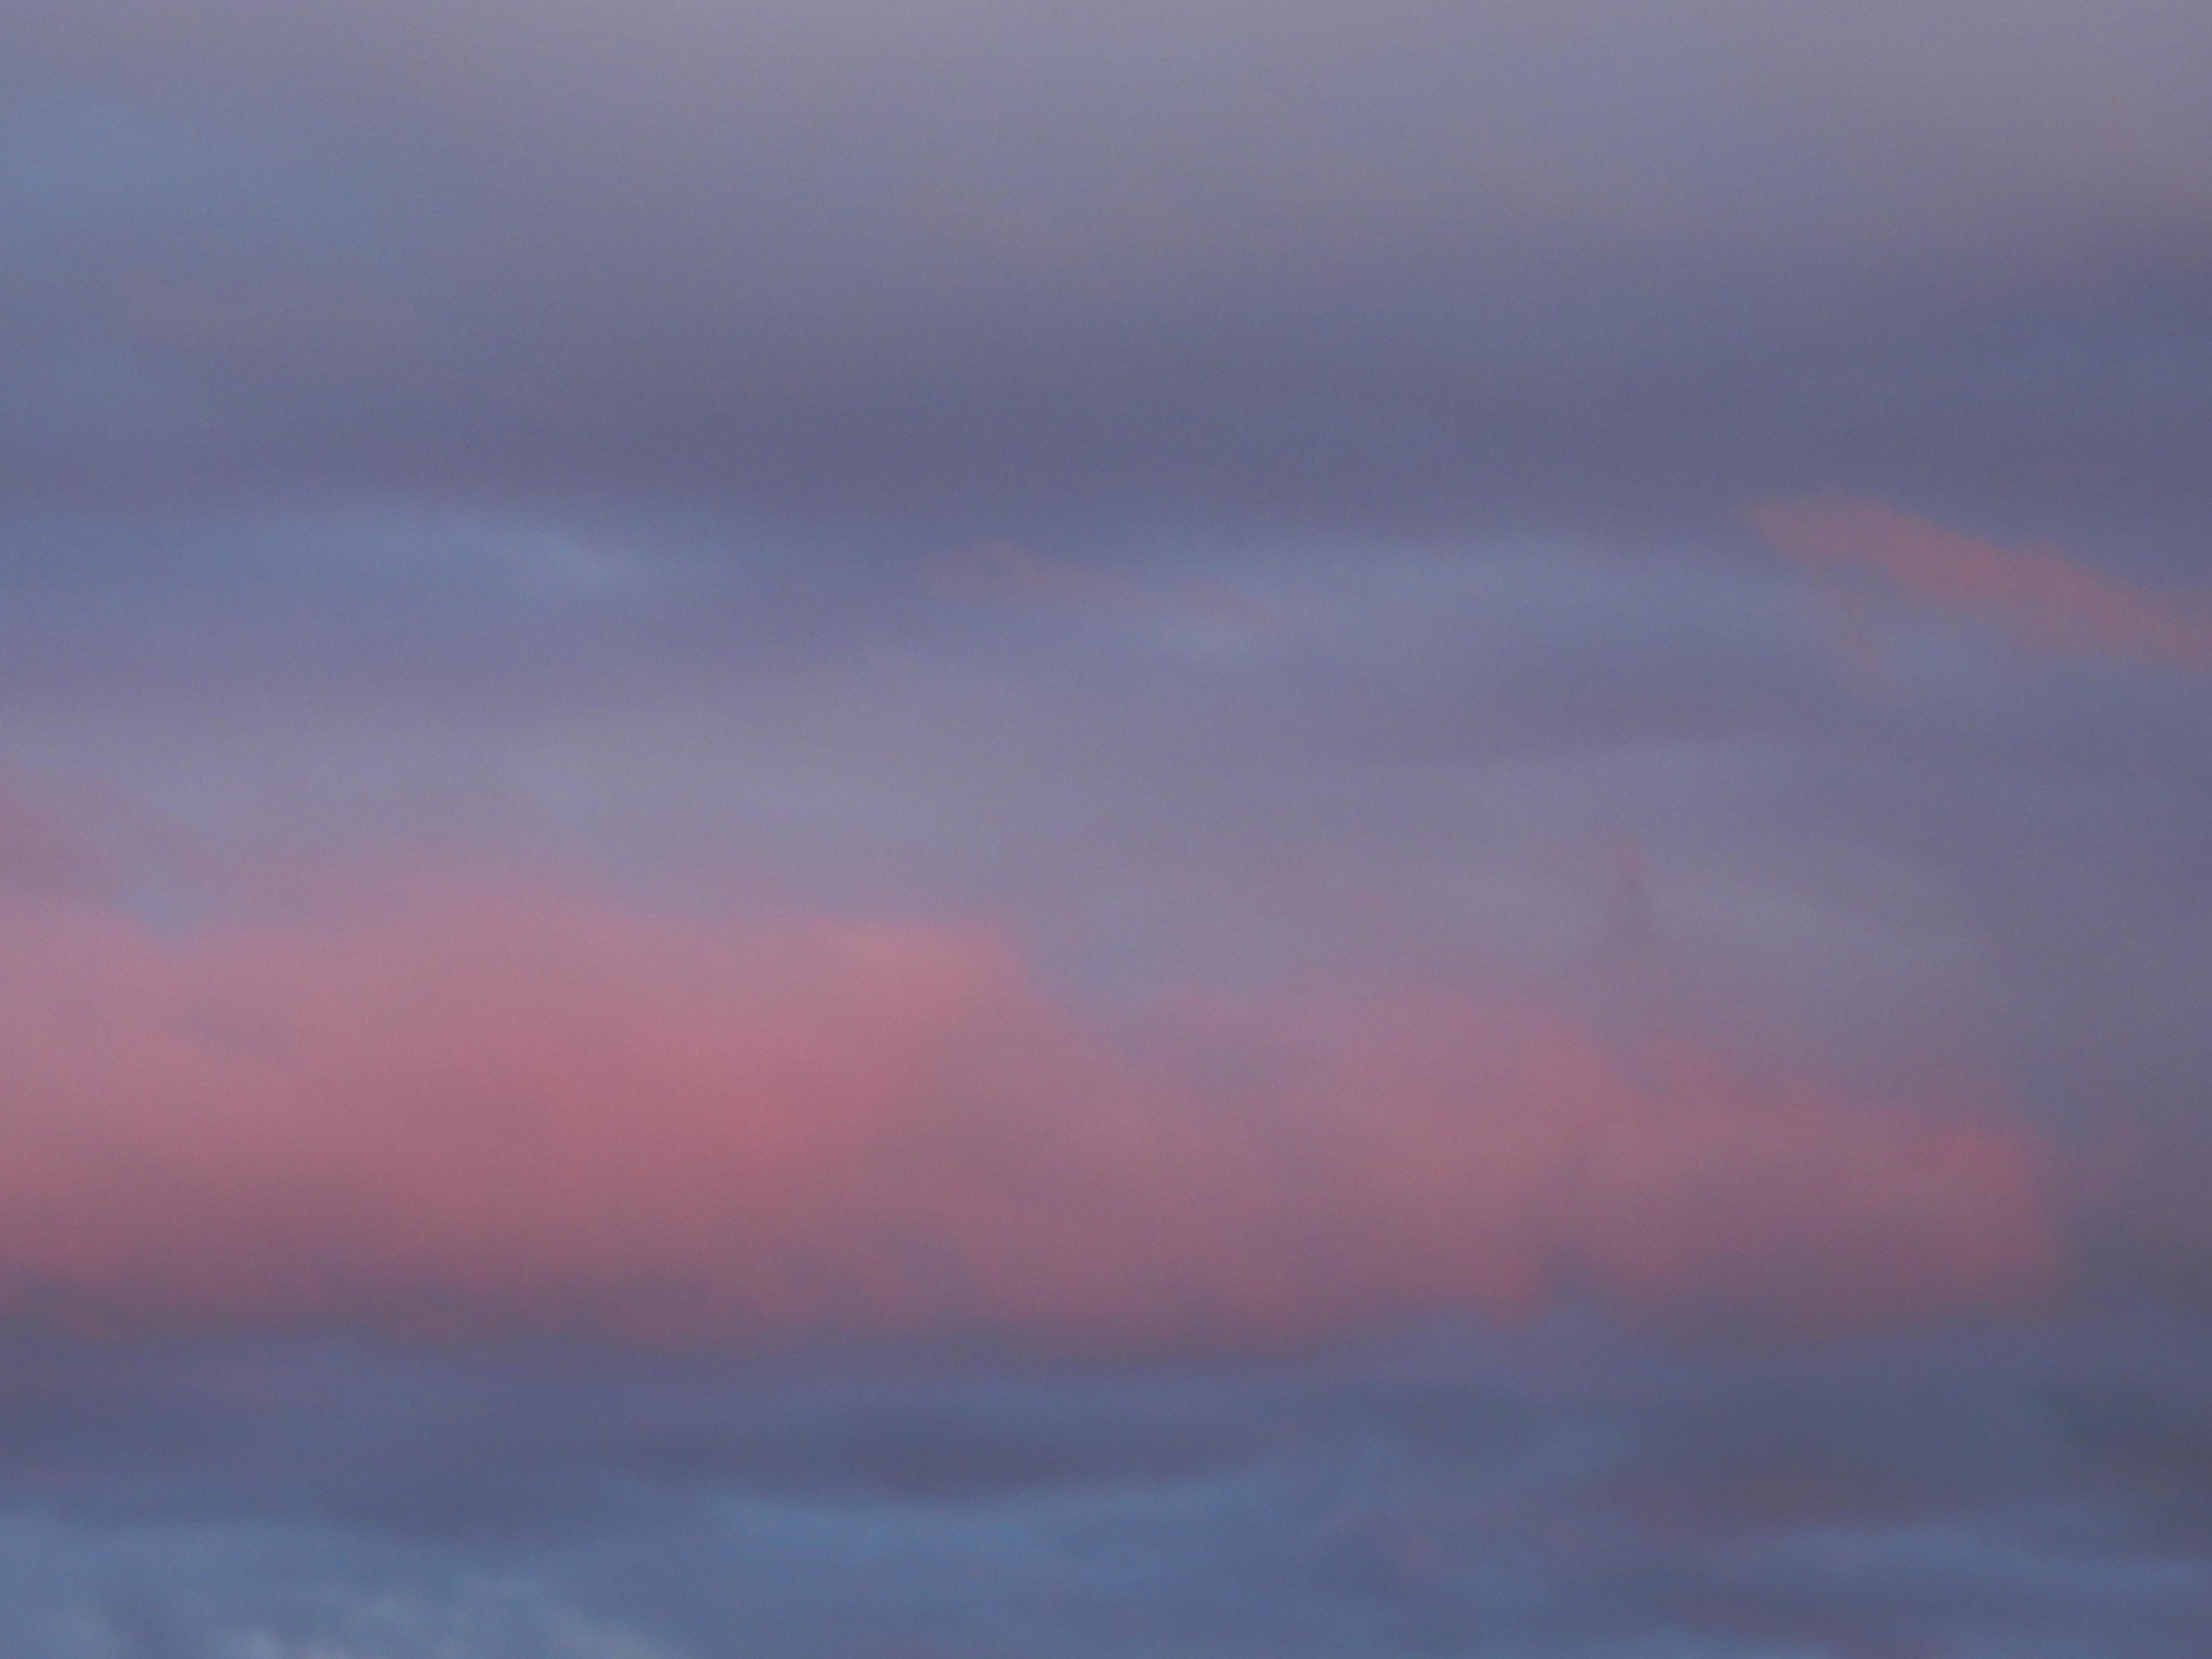 Coucher de soleil rose et mauve.